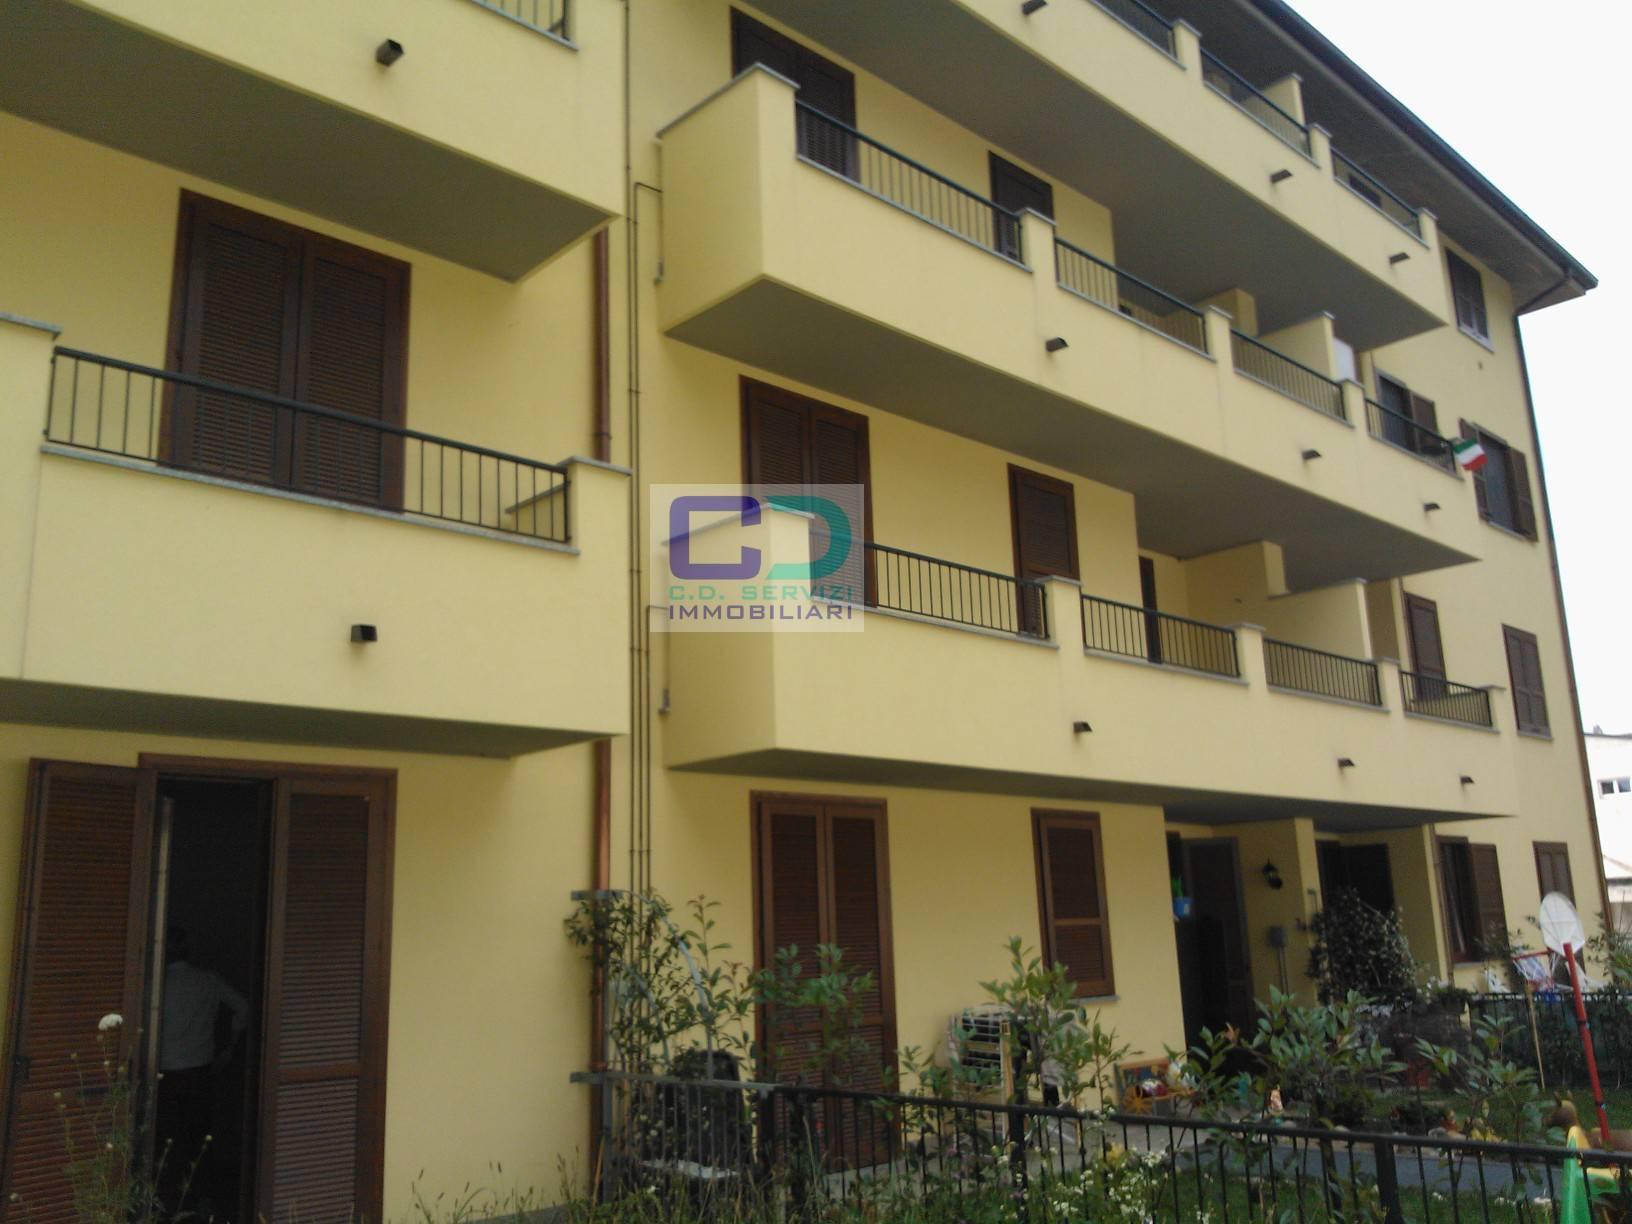 Appartamento in vendita a Cassano d'Adda, 3 locali, prezzo € 281.100 | PortaleAgenzieImmobiliari.it